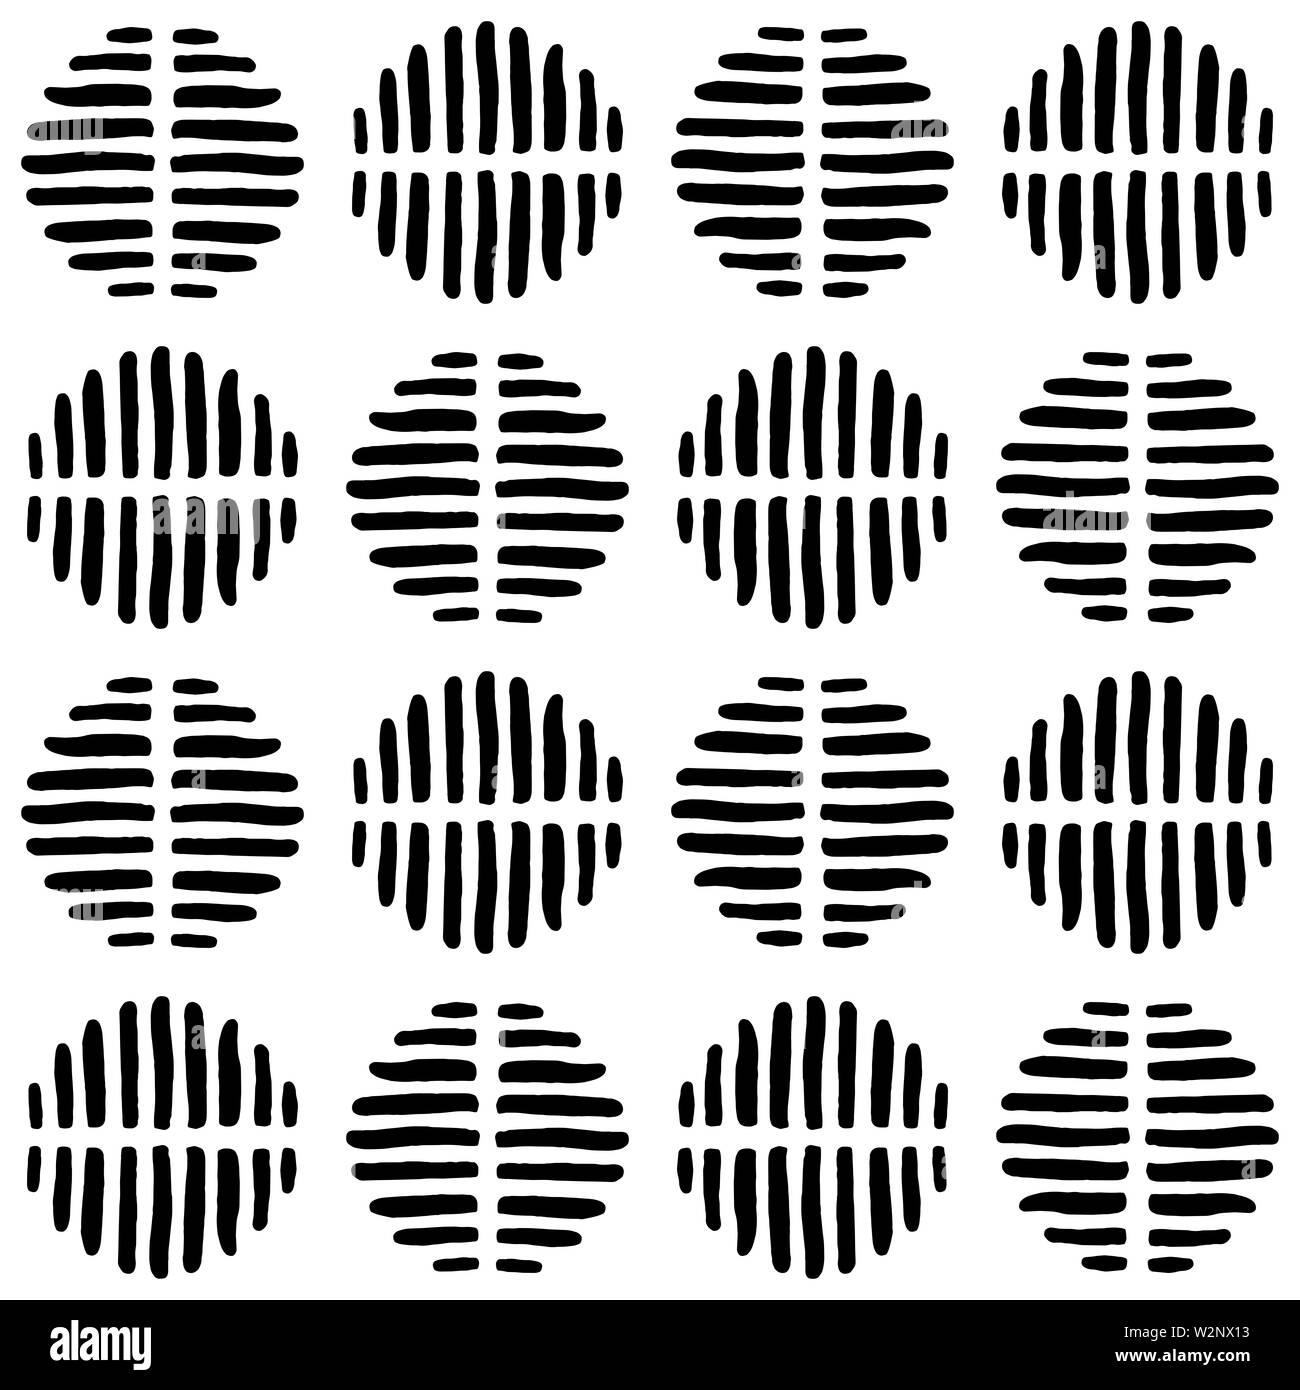 Un abstract macchie striped pattern, creato di mano sagome disegnate. Immagini Stock